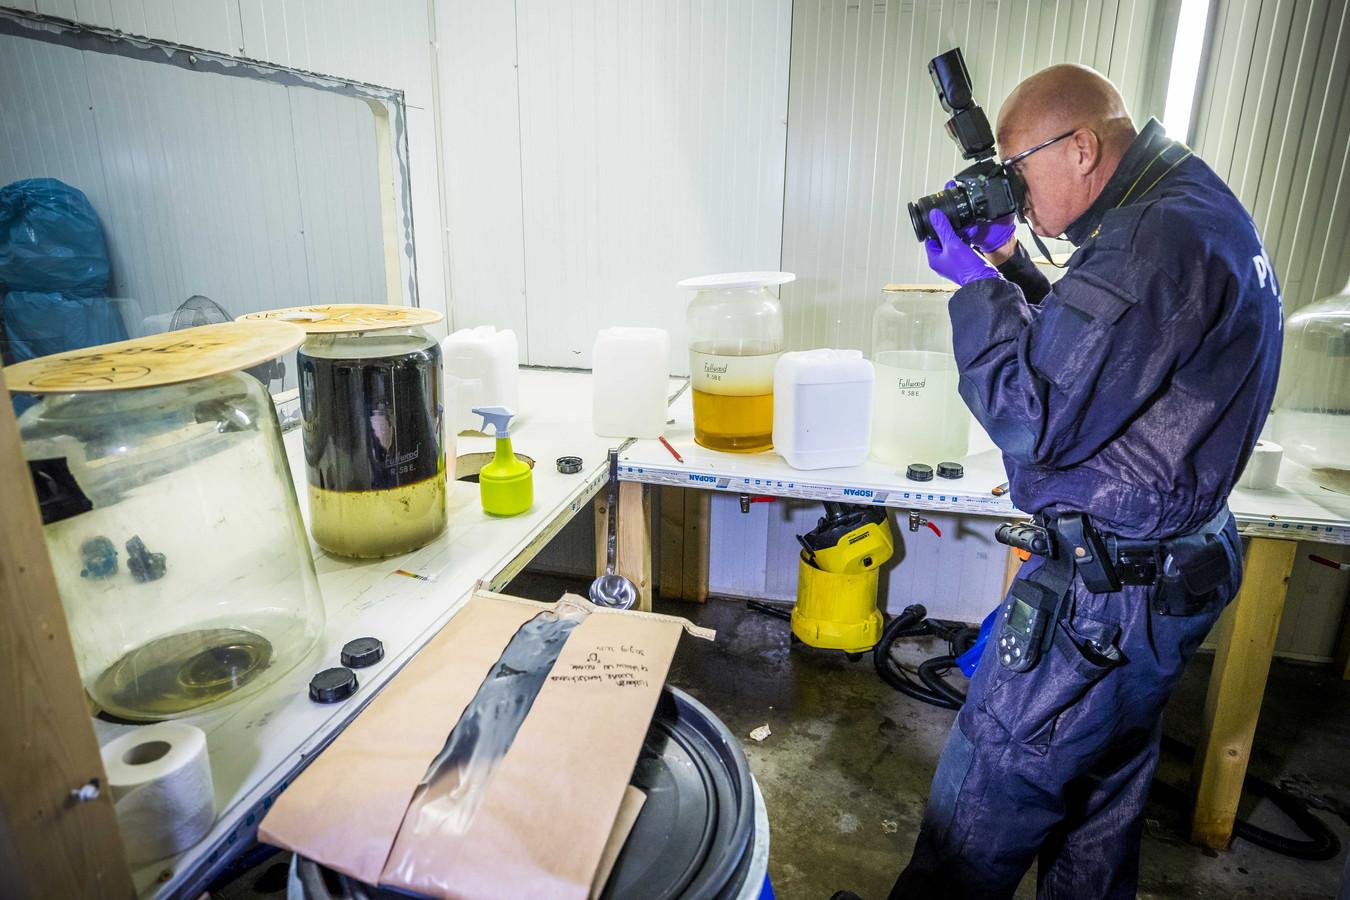 De Landelijke Faciliteit Ondersteuning (LFO) van de politie bij de ontruiming een groot drugslab.